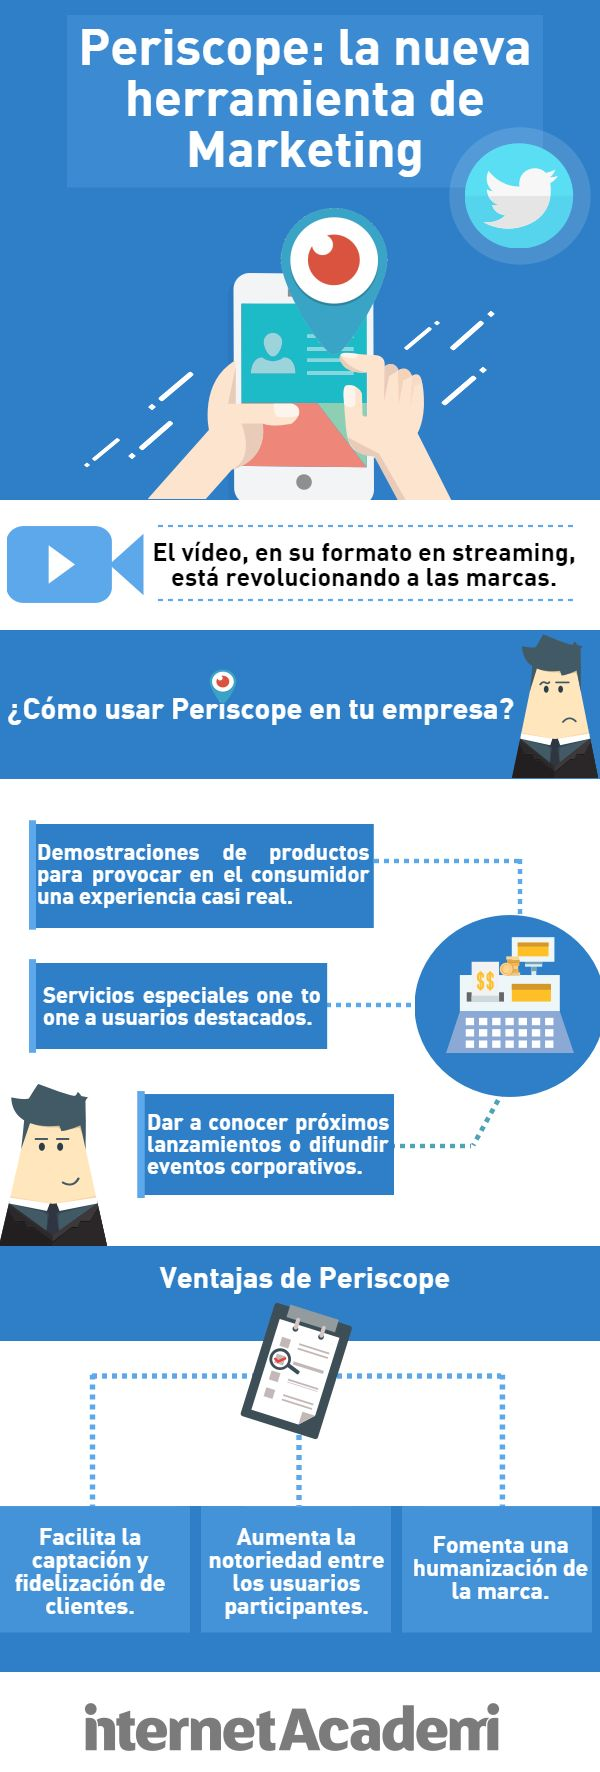 Hola: Una infografía sobre Periscope: la nueva herramienta de marketing. Vía Un saludo